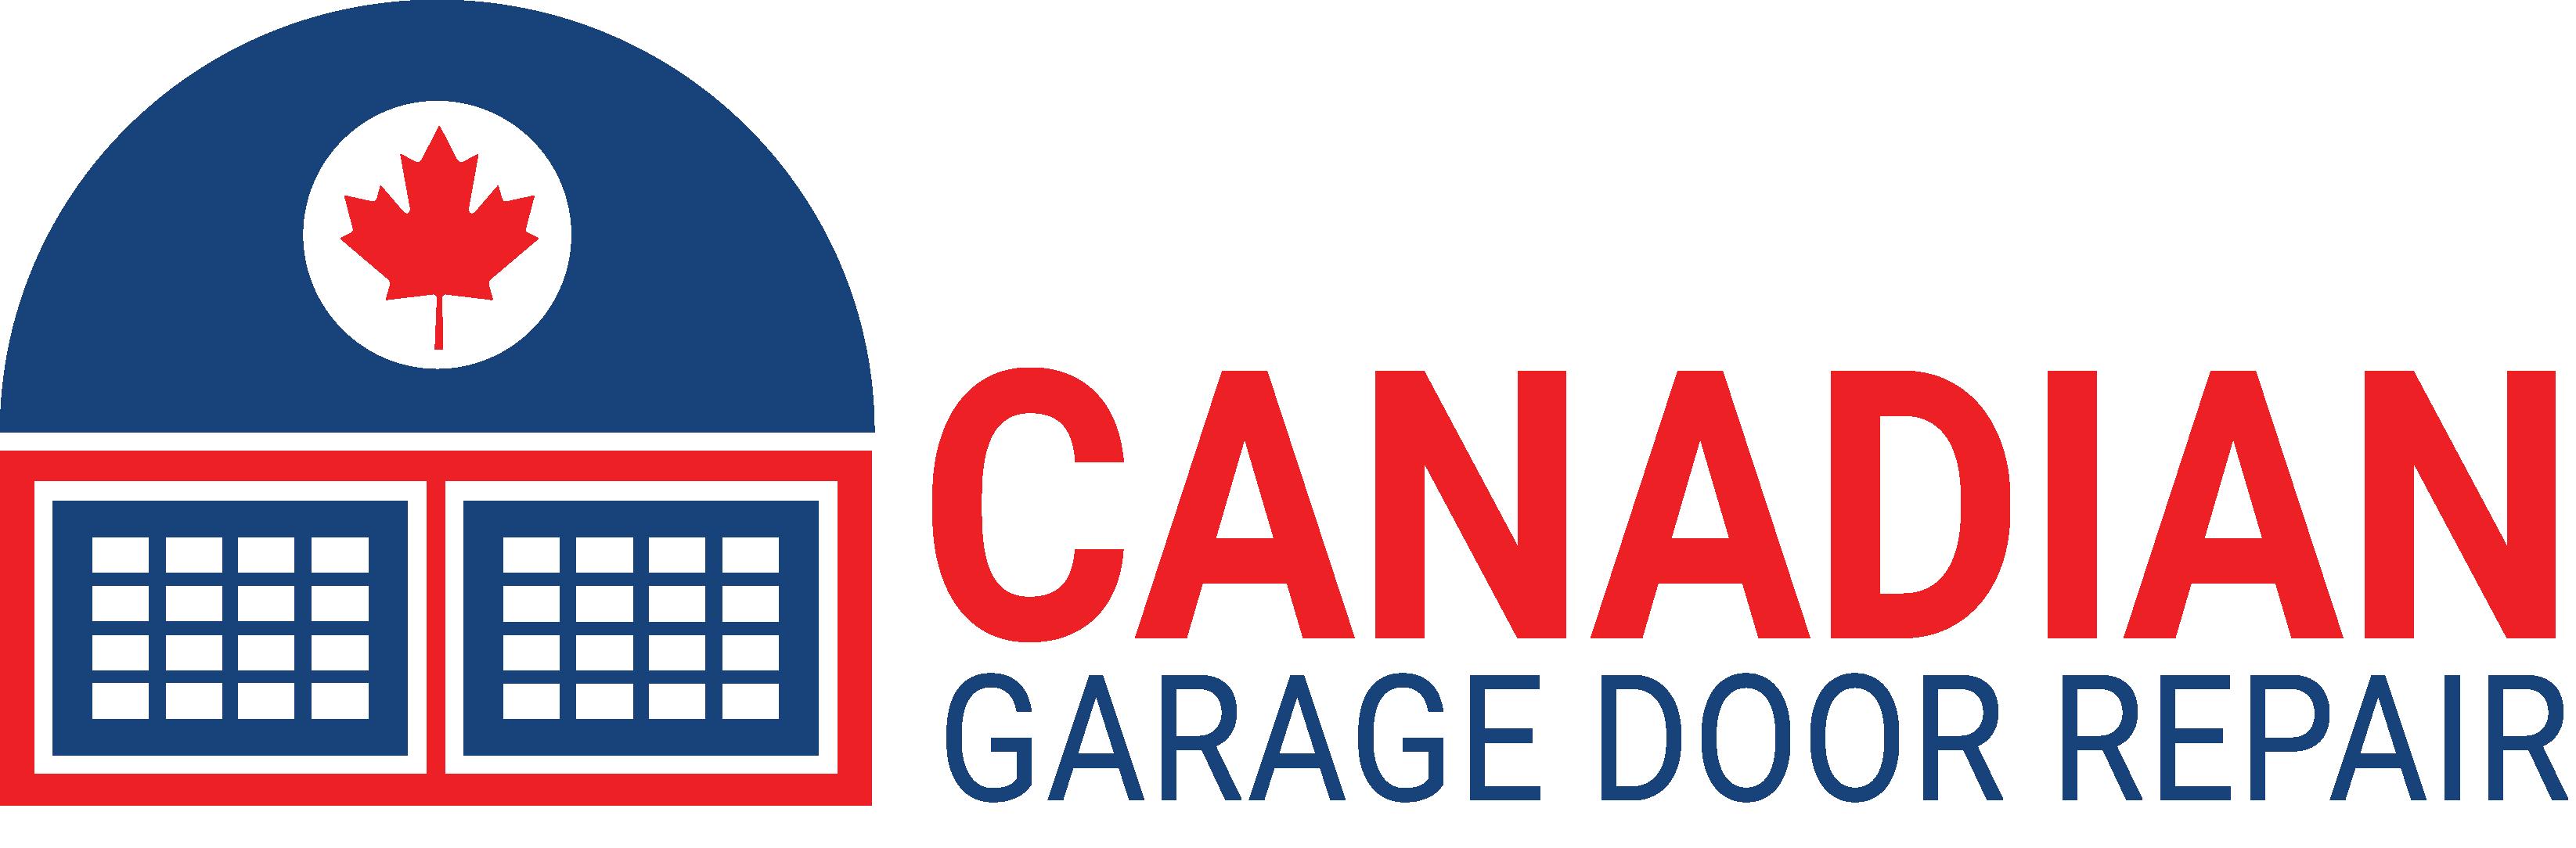 Canadian Garage Door Repair Vancouver Address 2065 Triumph St Vancouver Bc V5l 1k7 Phone 778 805491 Garage Door Repair Garage Service Door Messianic Jew